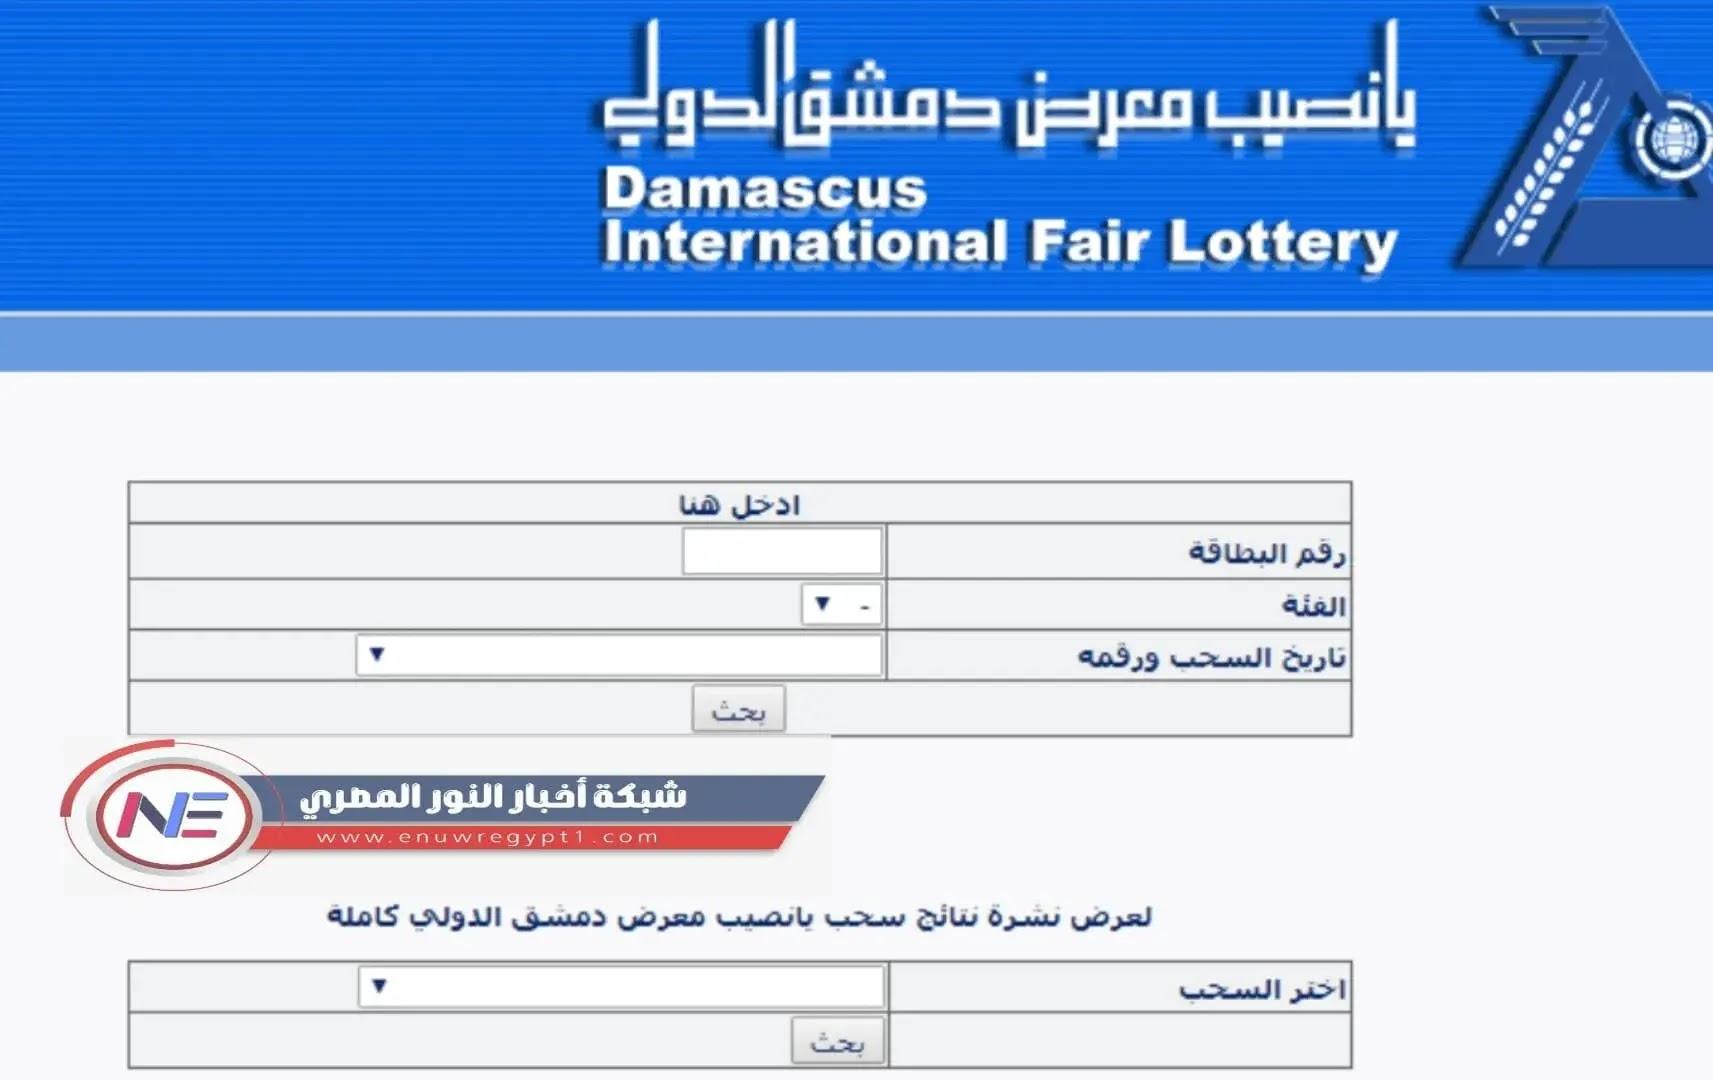 ظهورها حالا .. نتائج يانصيب معرض دمشق الدولي اليوم الثلاثاء 4 مايو 2021 | أرقام البطاقات الرابحة في اليانصيب السورى | الاصدار الدورى الخامس عشر رقم 17 لعام 2021